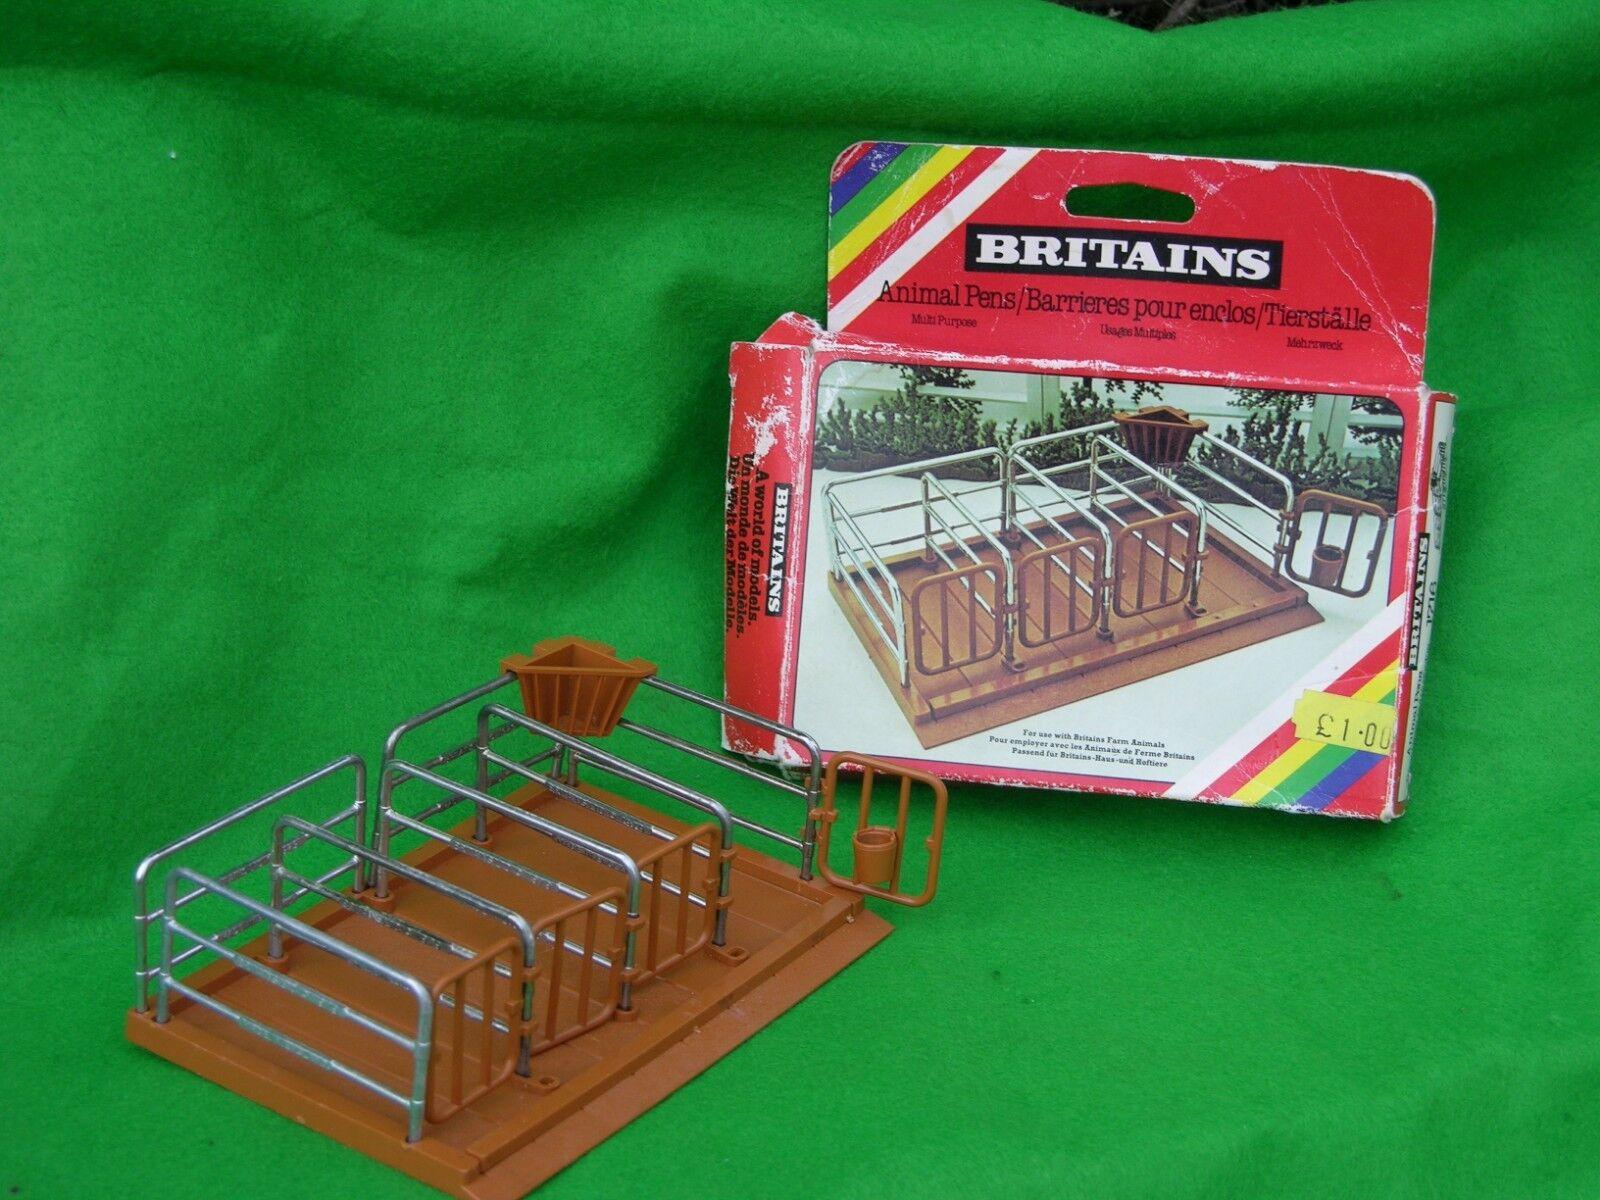 Britains Animales de granja, plumas de ganado, puestos de ordeño, en Caja